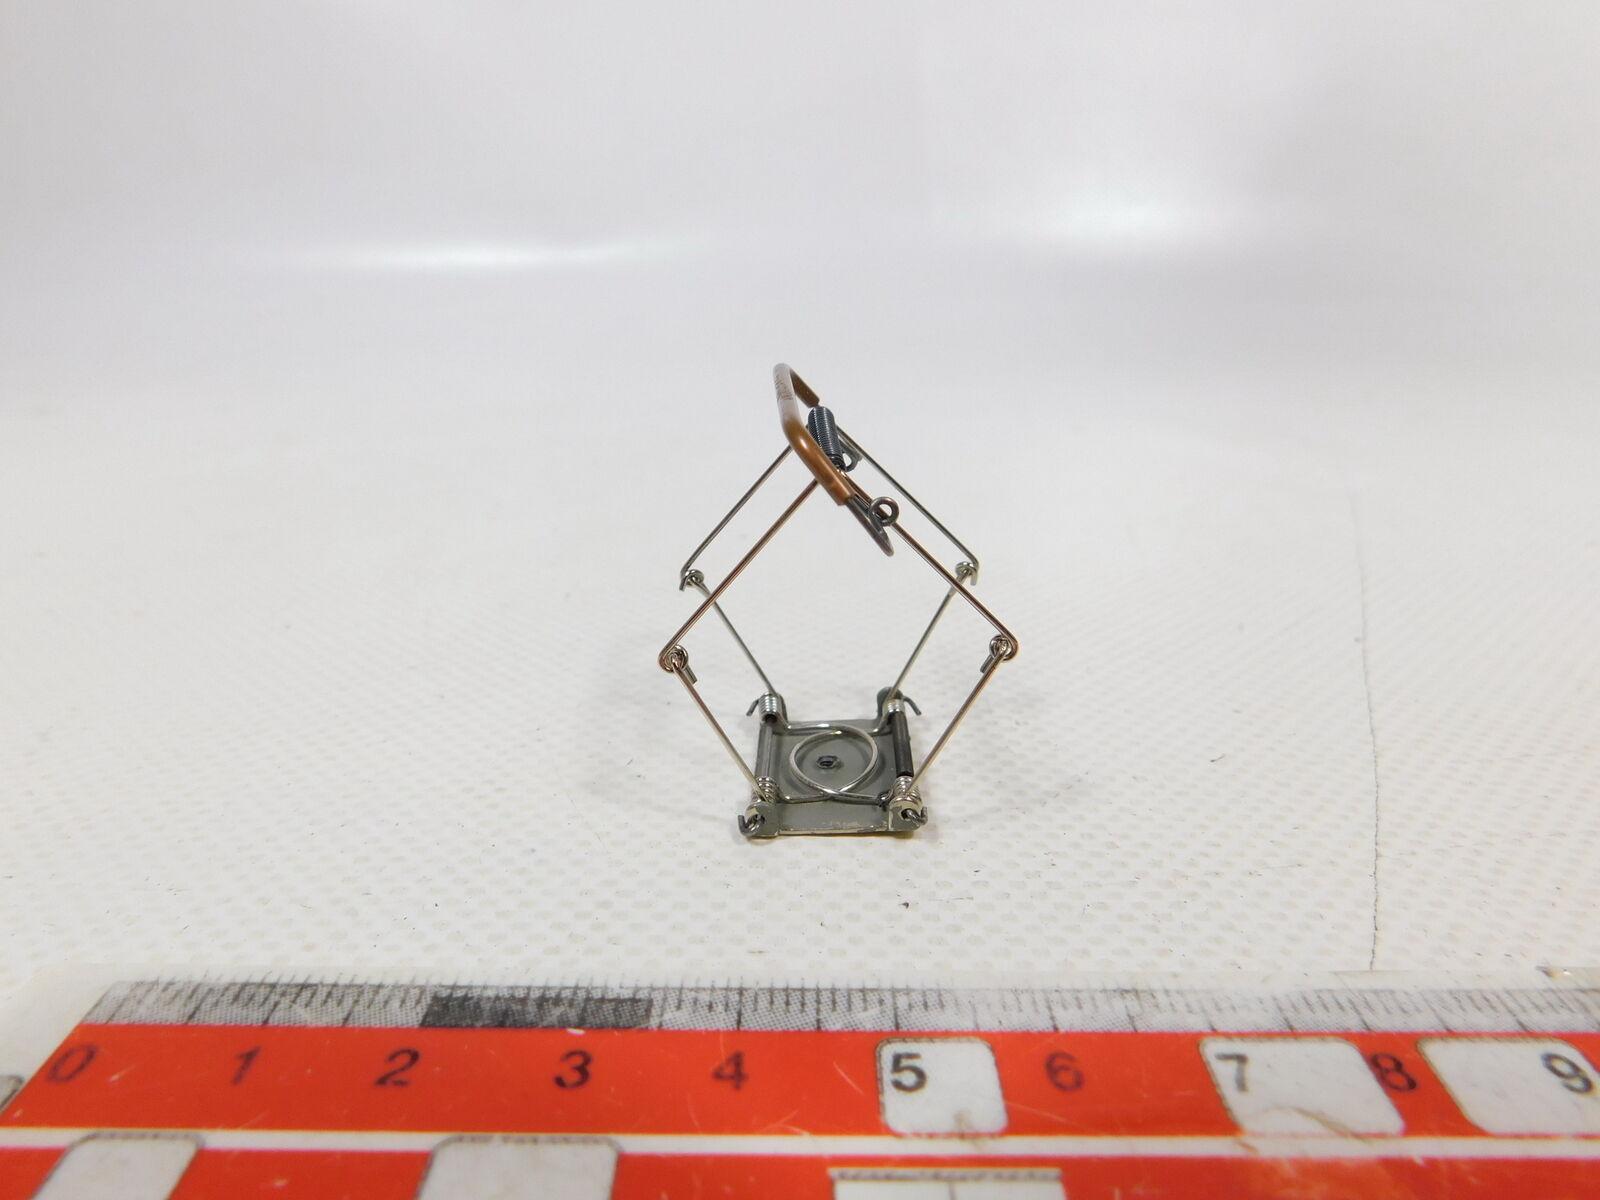 CB286-0,5   marklin H0 00 Tipo 4.1 Pantografo   Sta per DL 800 Ecc. (senza